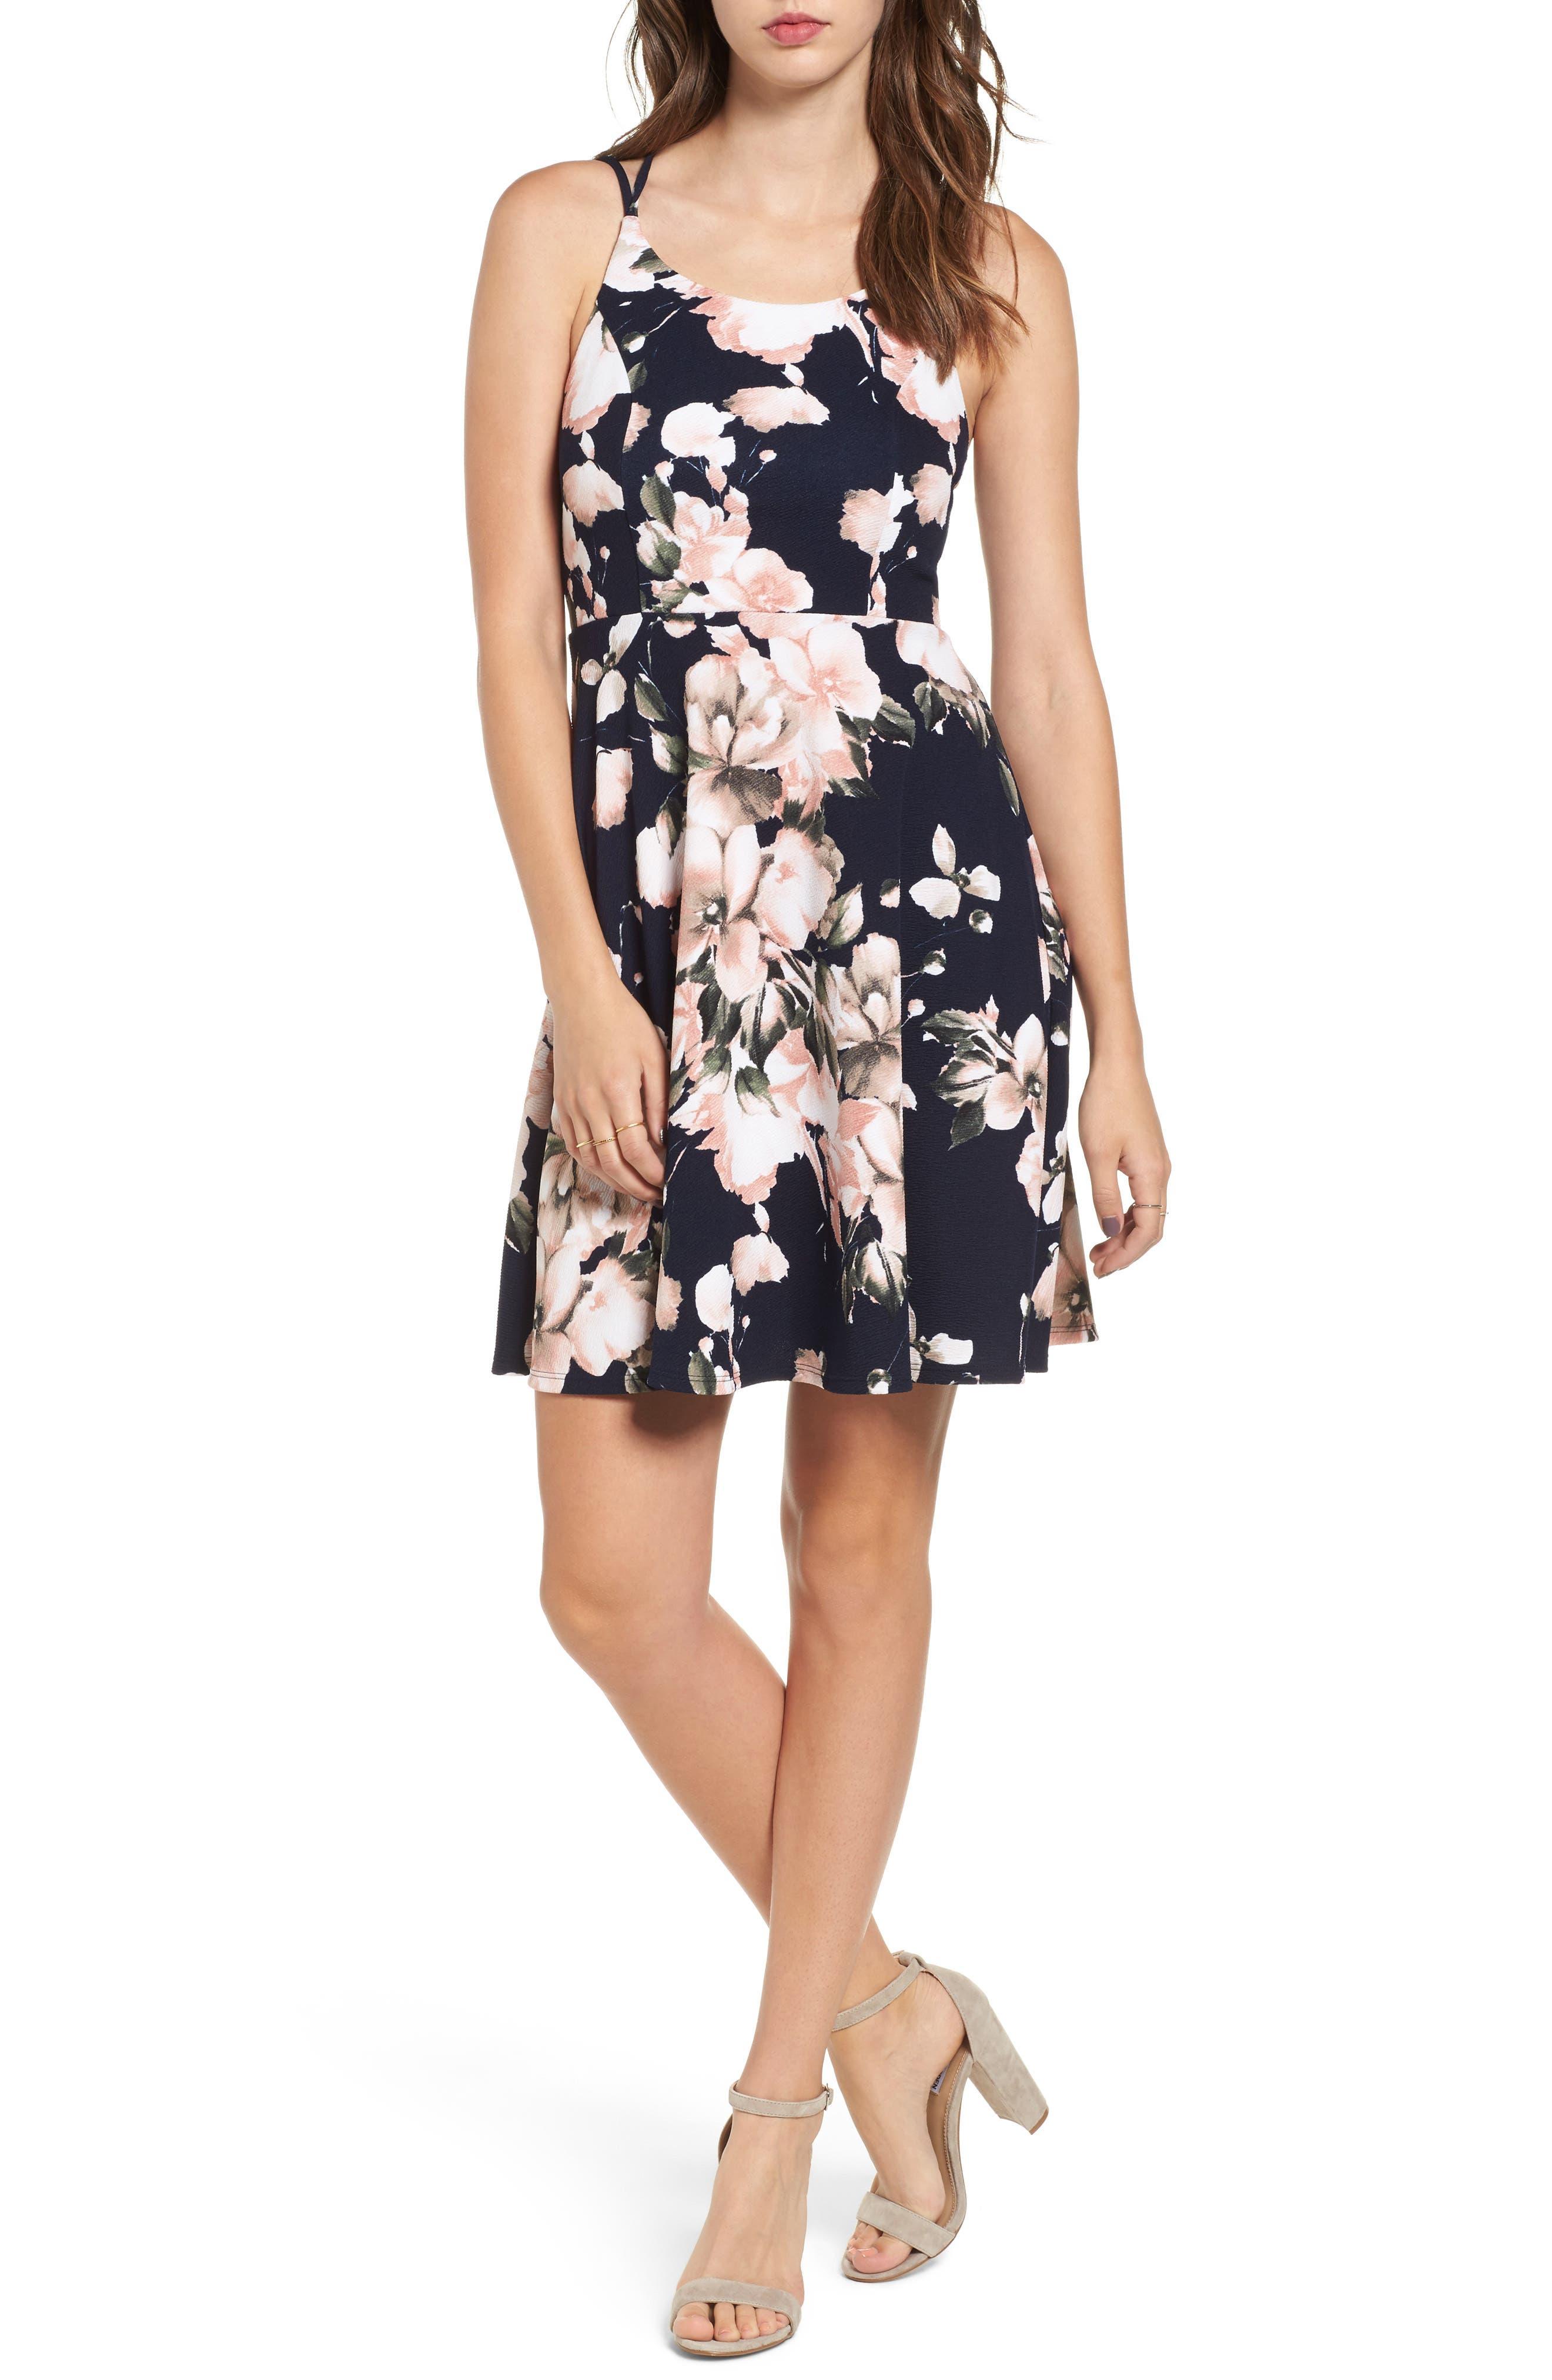 Soprano Floral Print Skater Dress